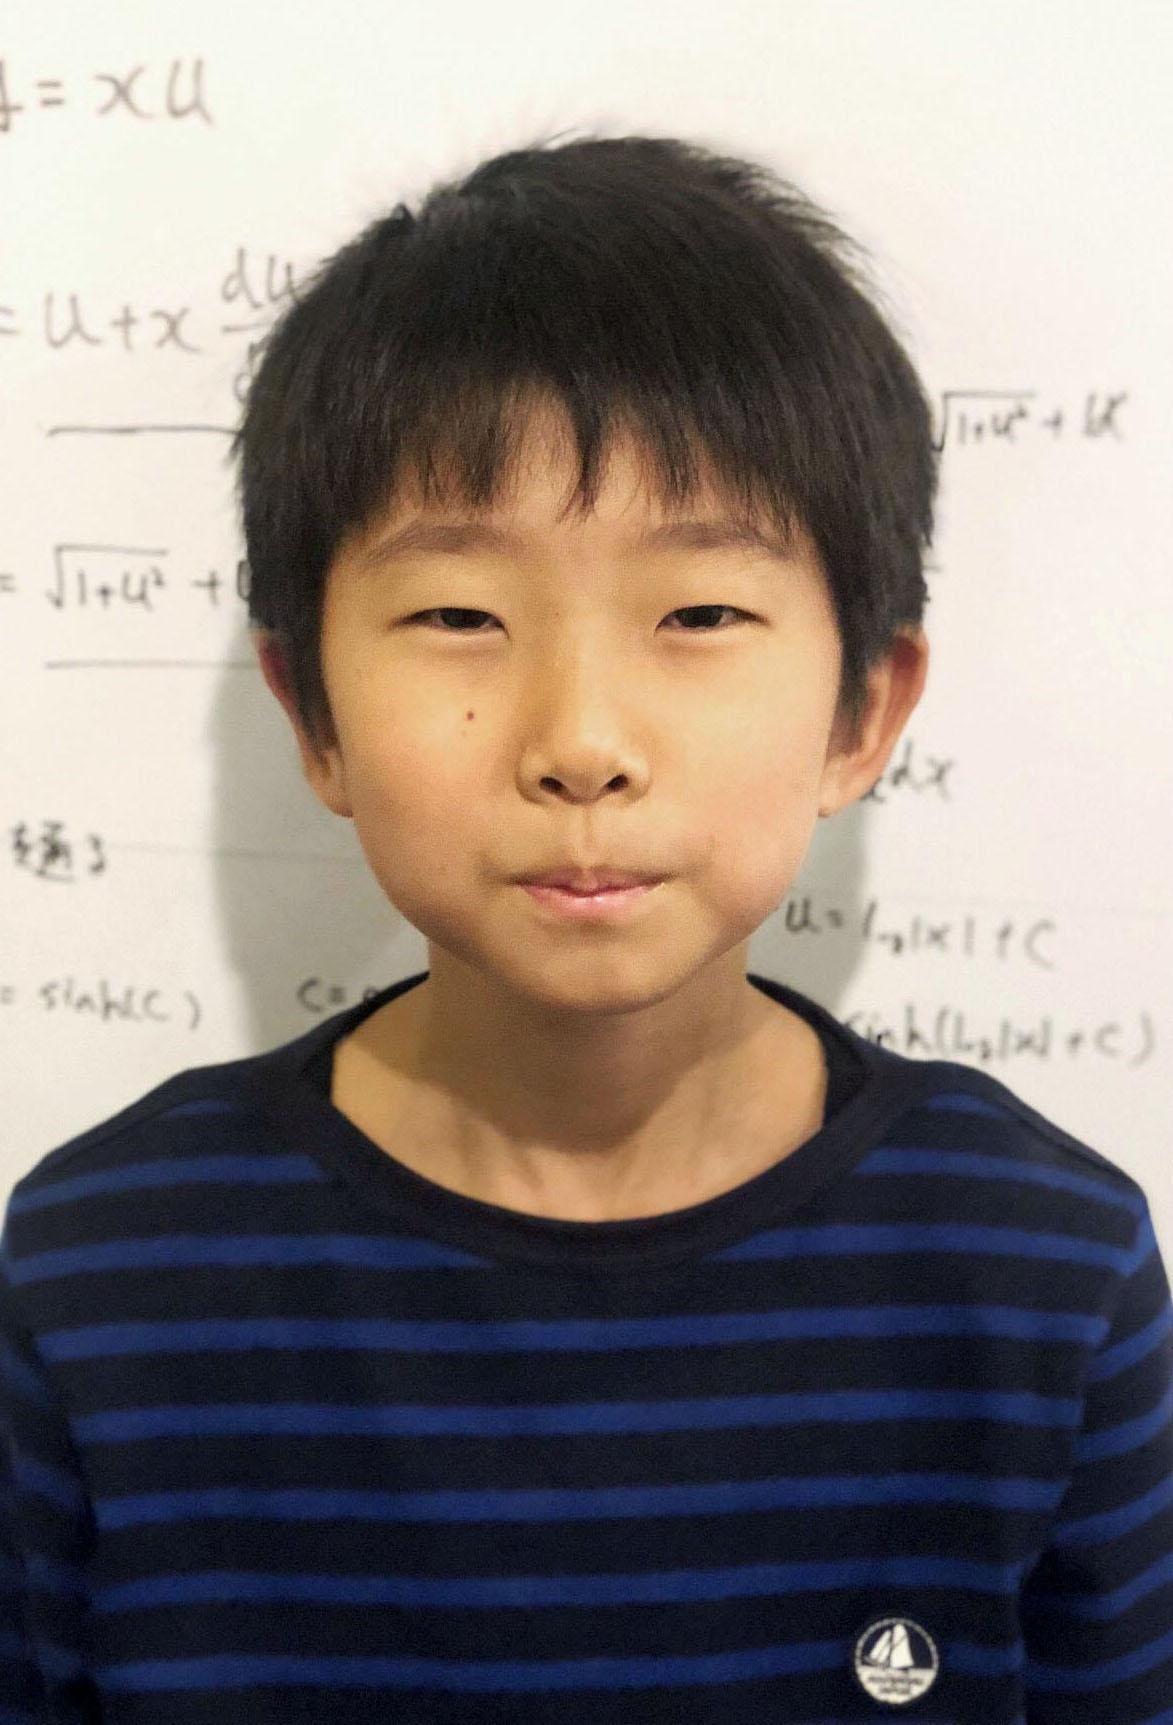 طفل ياباني يصبح عالما في الرياضيات!